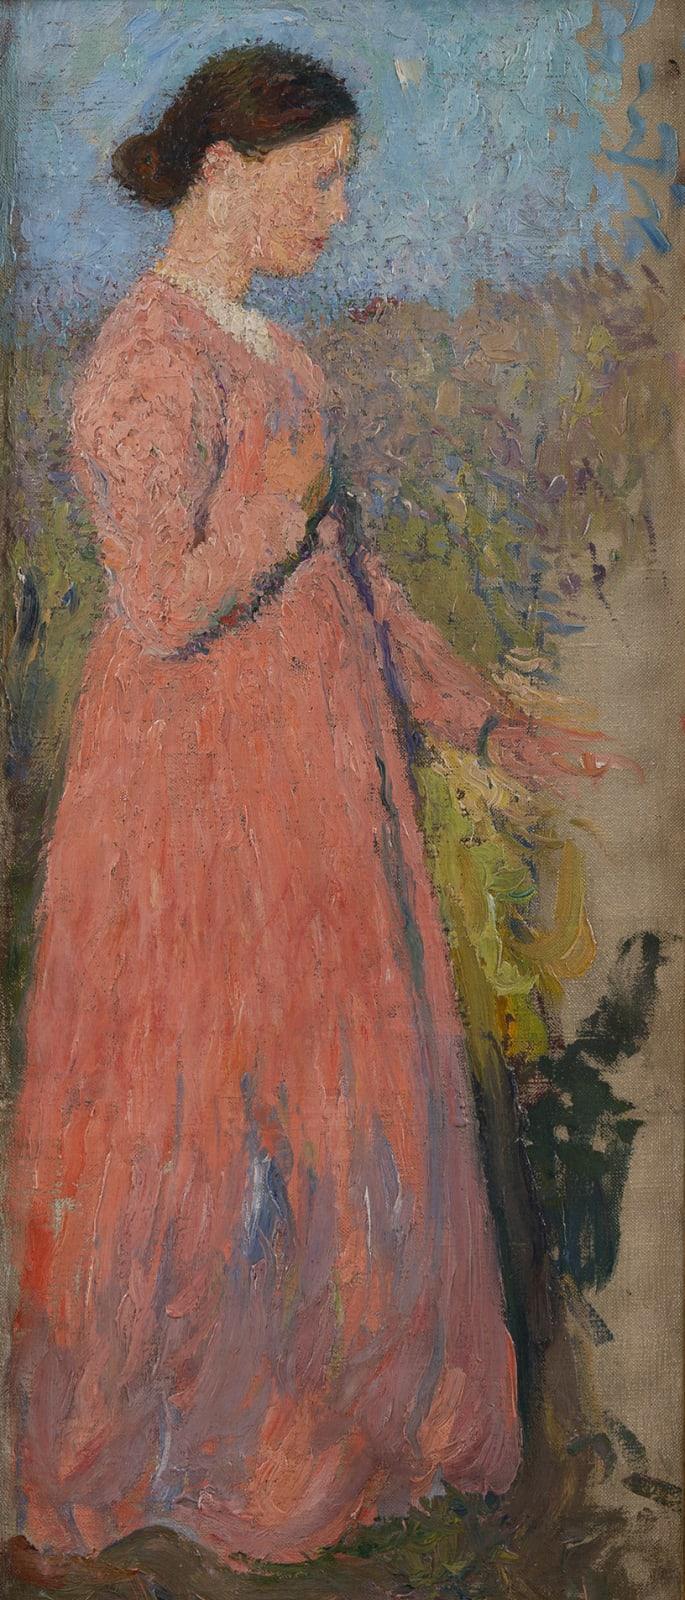 HENRI MARTIN, Femme en rose, circa 1910-1911